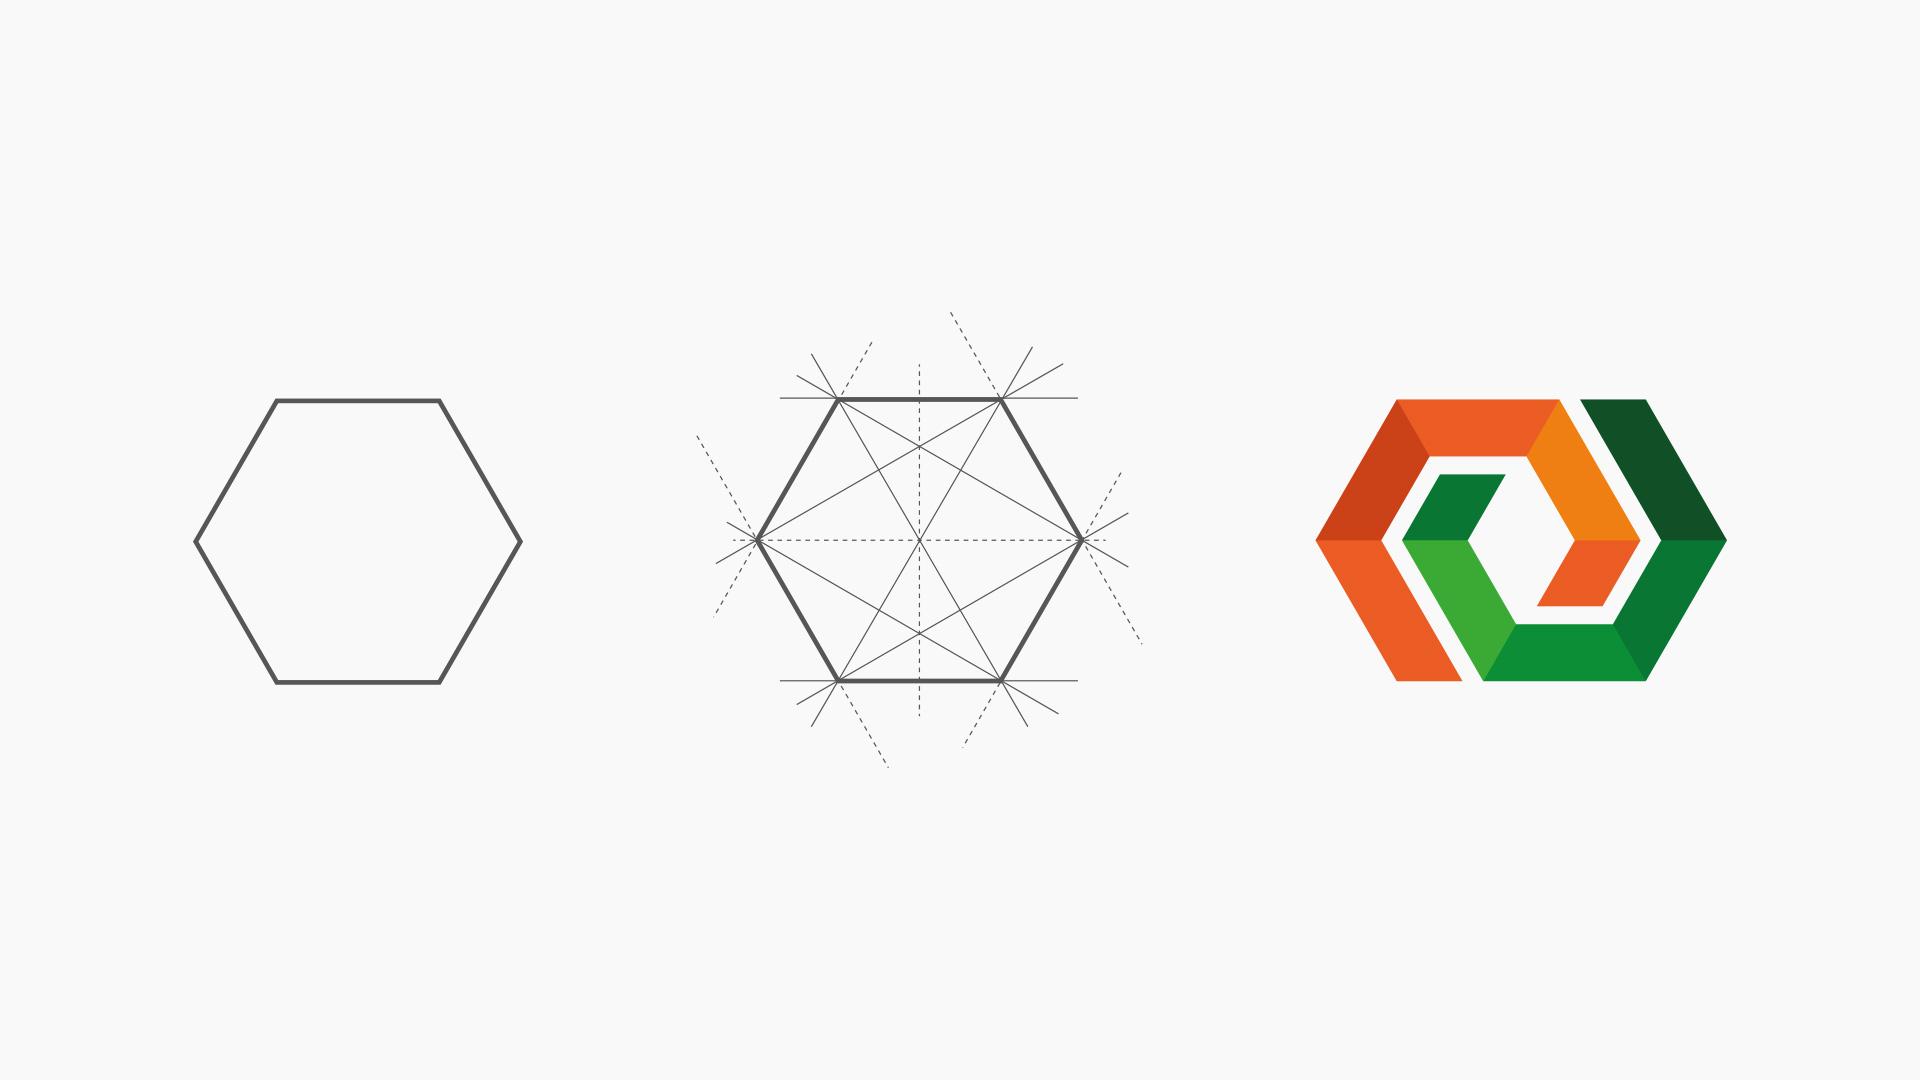 Entstehung der Bildmarke vom Hexagon bis zu der finale Version mit orange und gruen der wert.bau